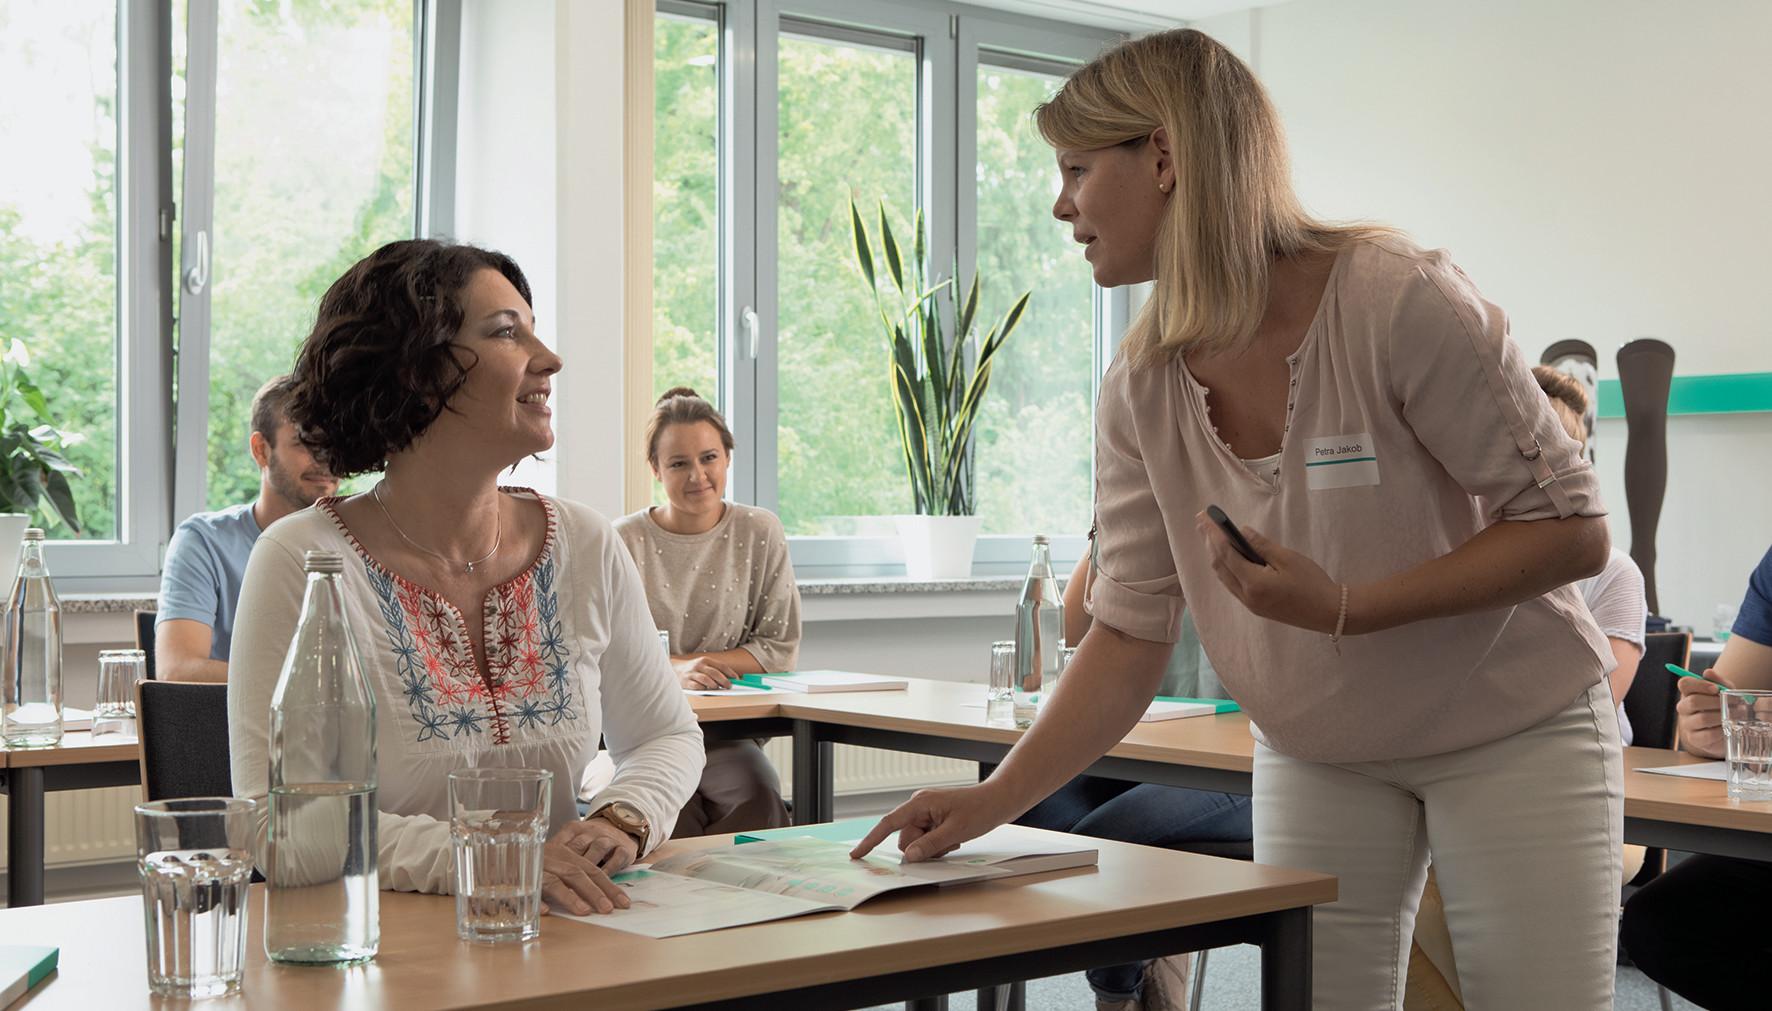 Zwei Frauen unterhalten sich in einem Seminar